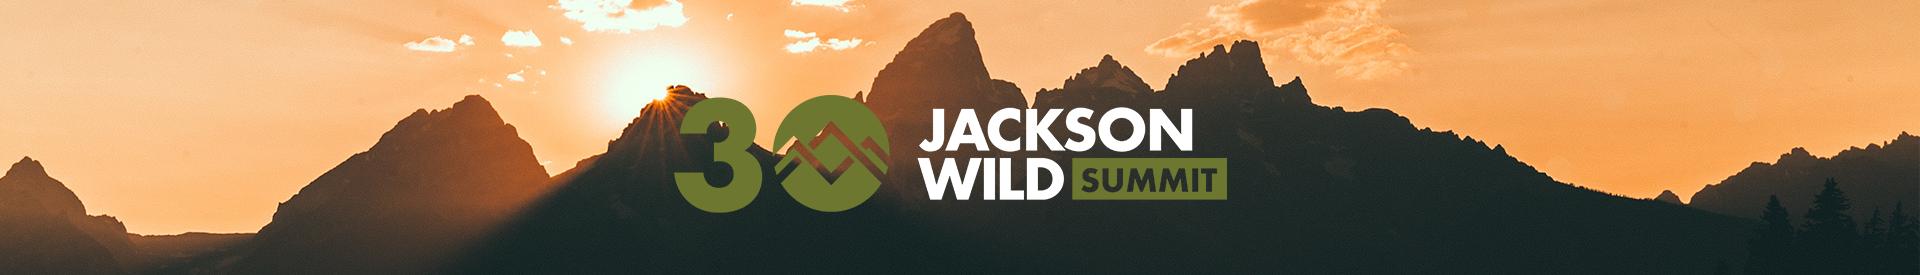 2021 Jackson Wild Summit